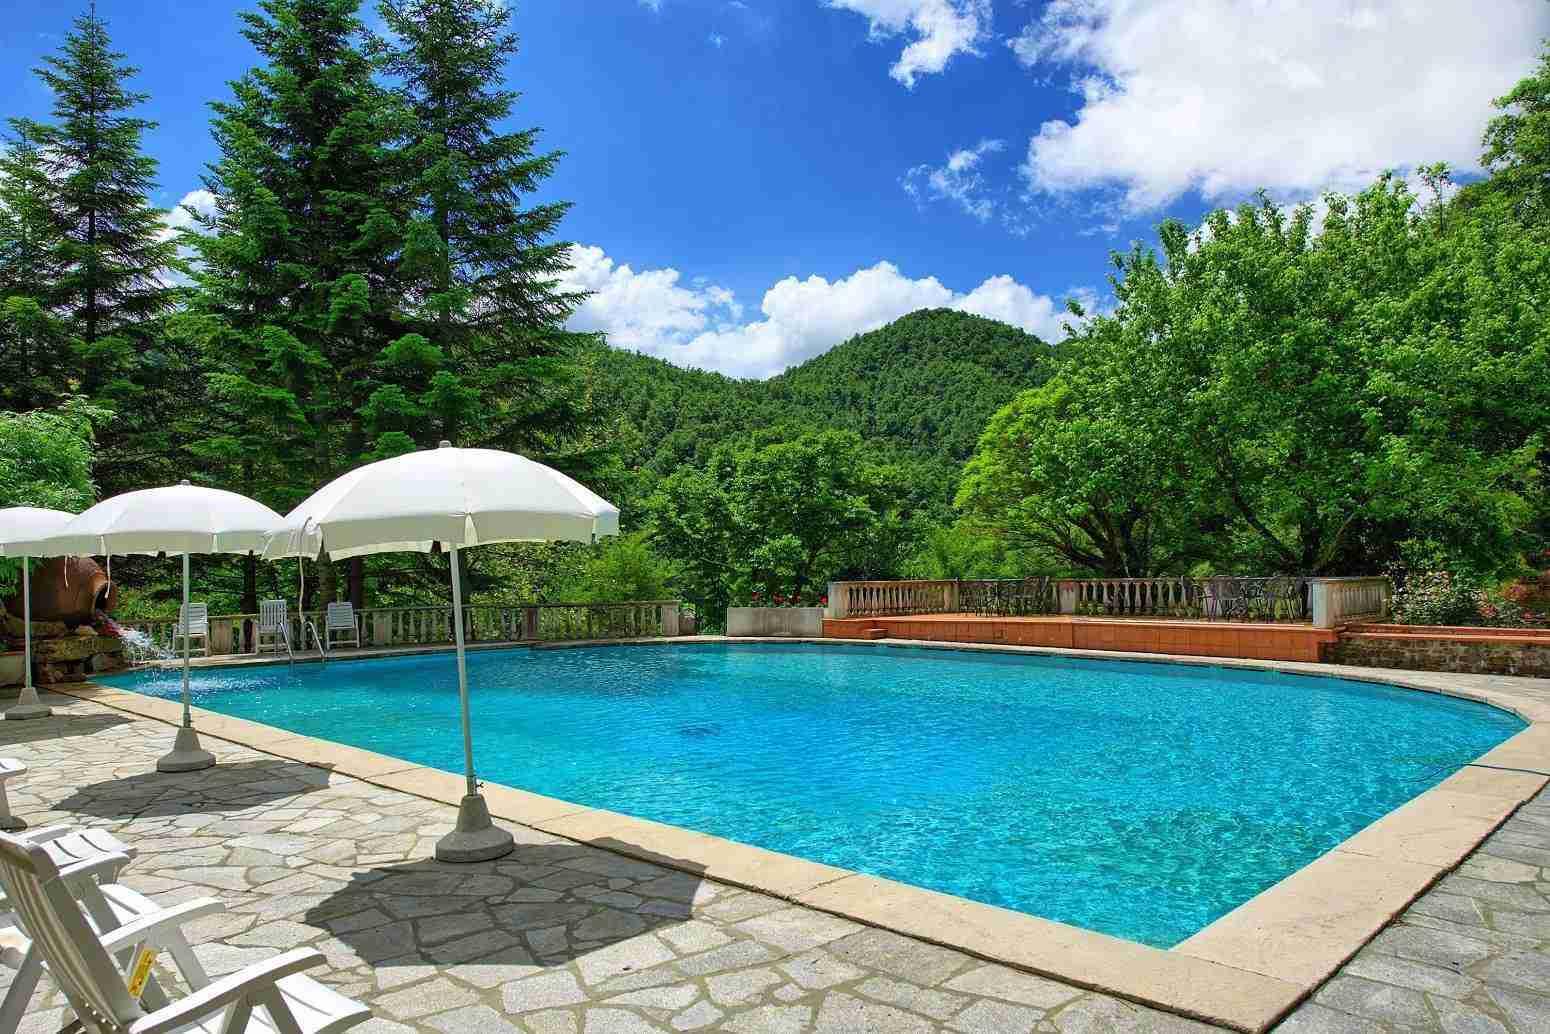 2 Etruria pool